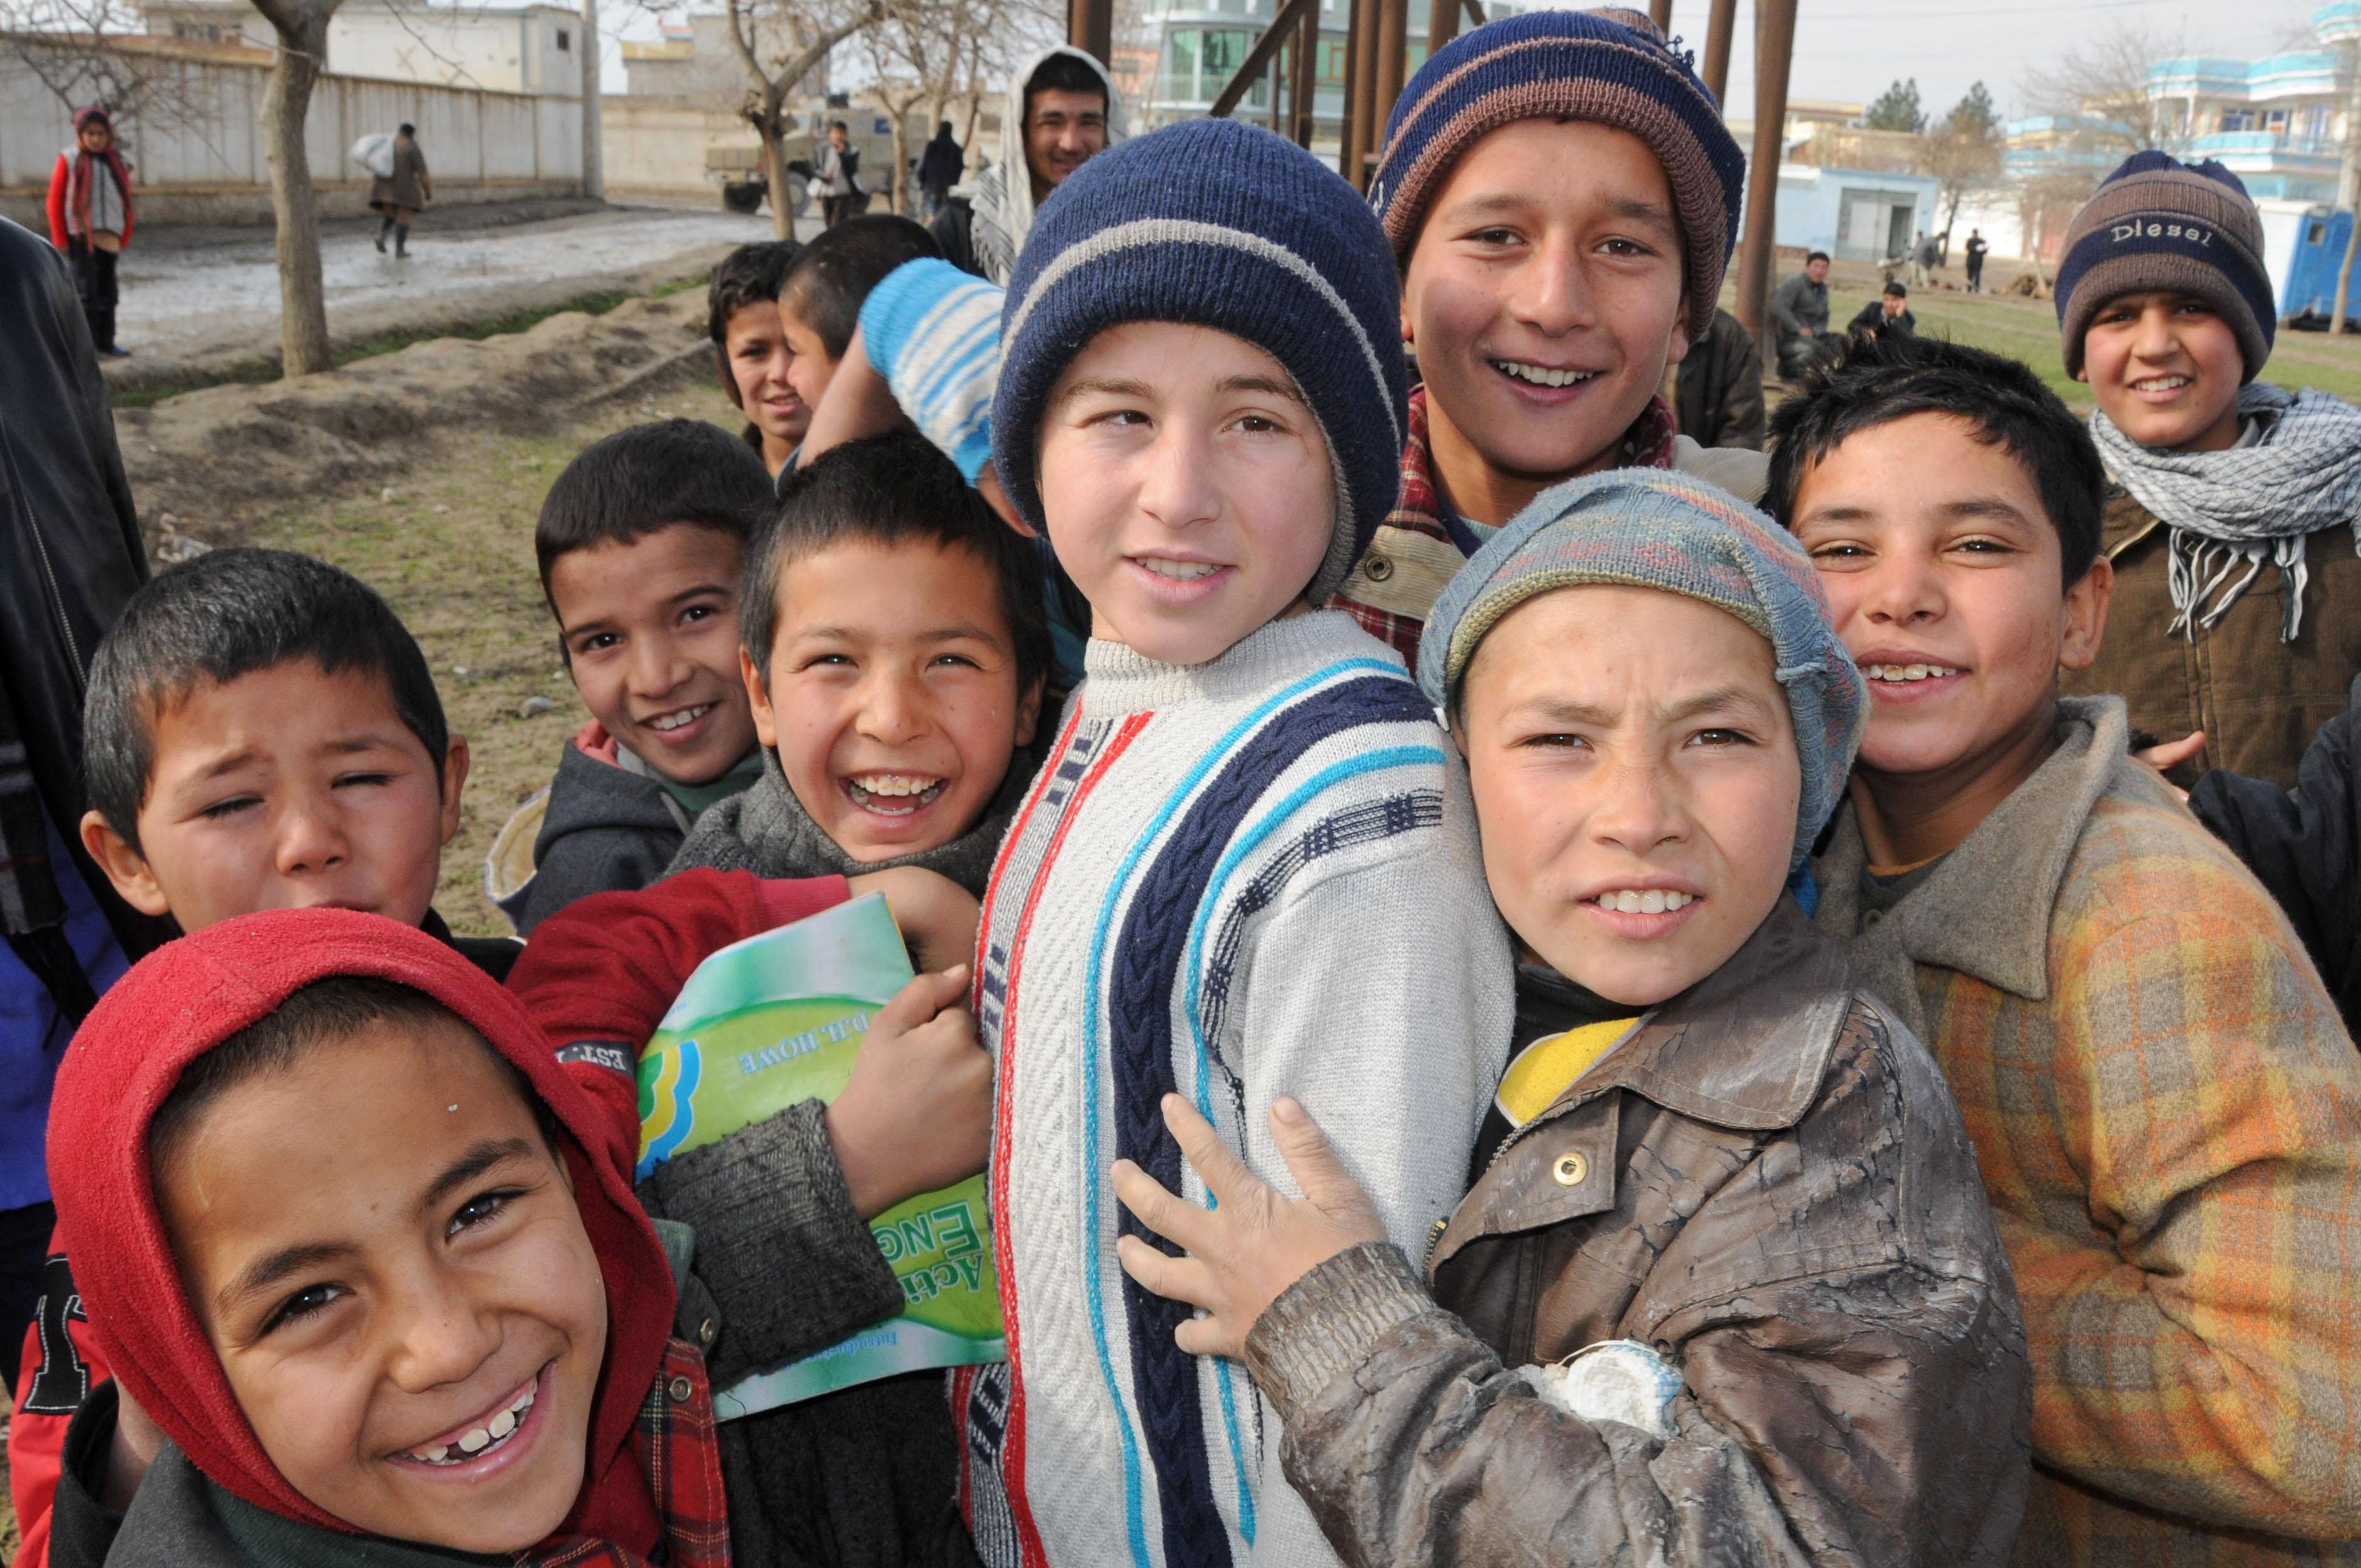 سالانه 10 هزار کودک افغانستانی قربانی اسهال مزمن می شوند